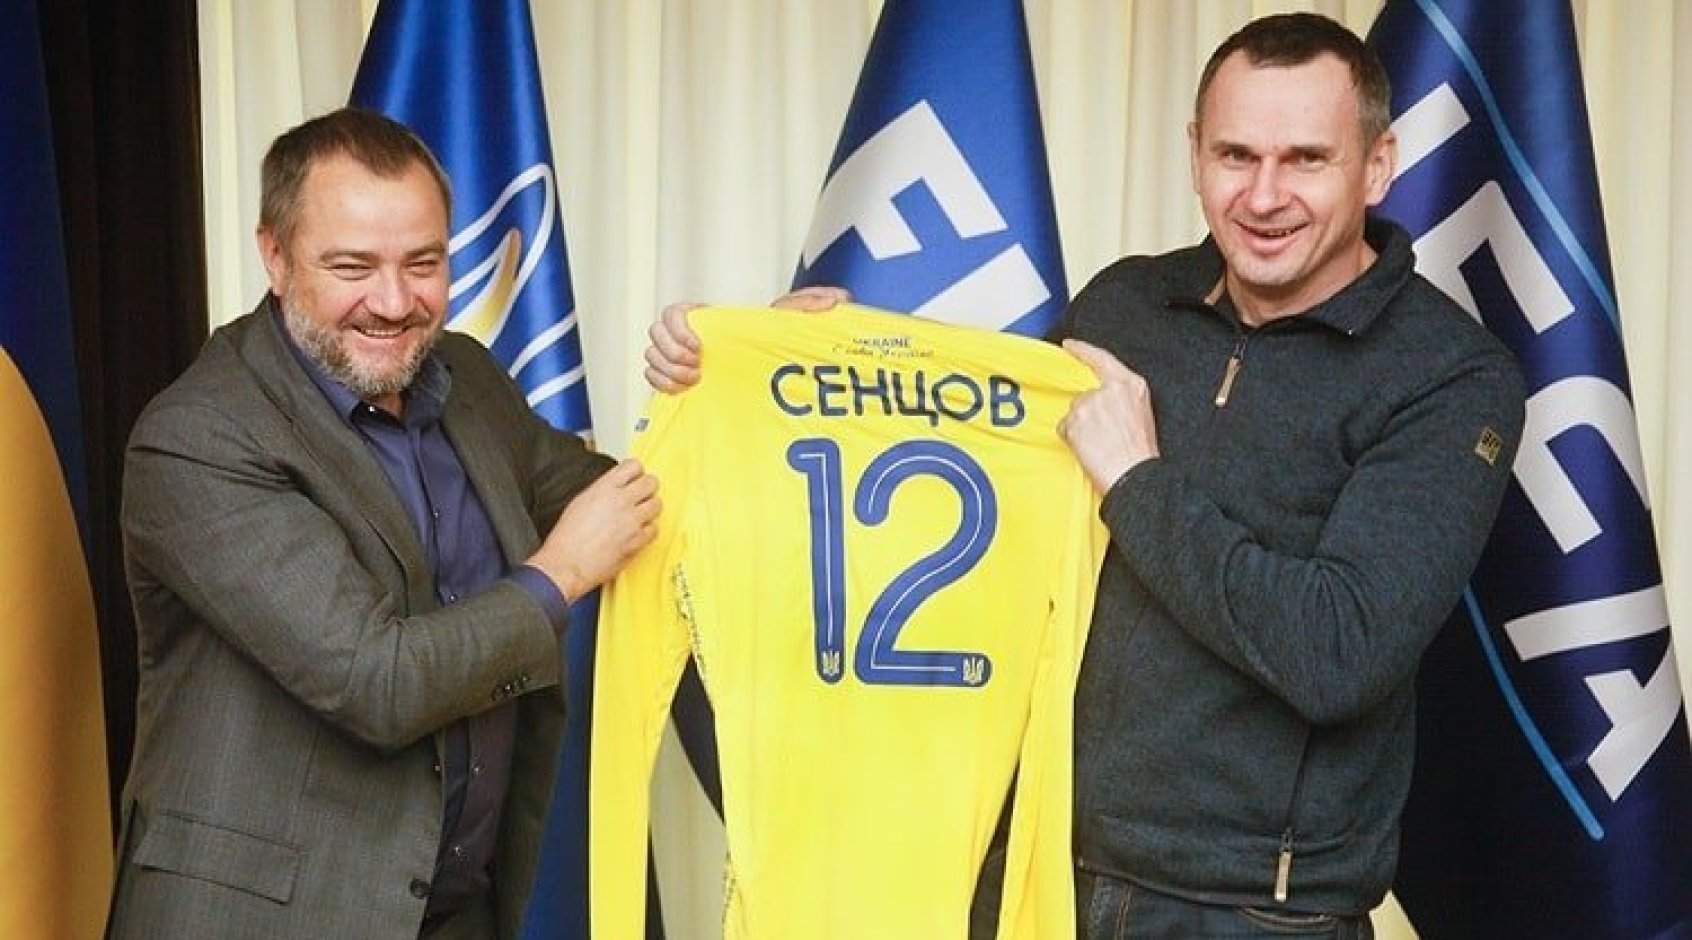 Андрій Павелко зустрівся з Олегом Сенцовим